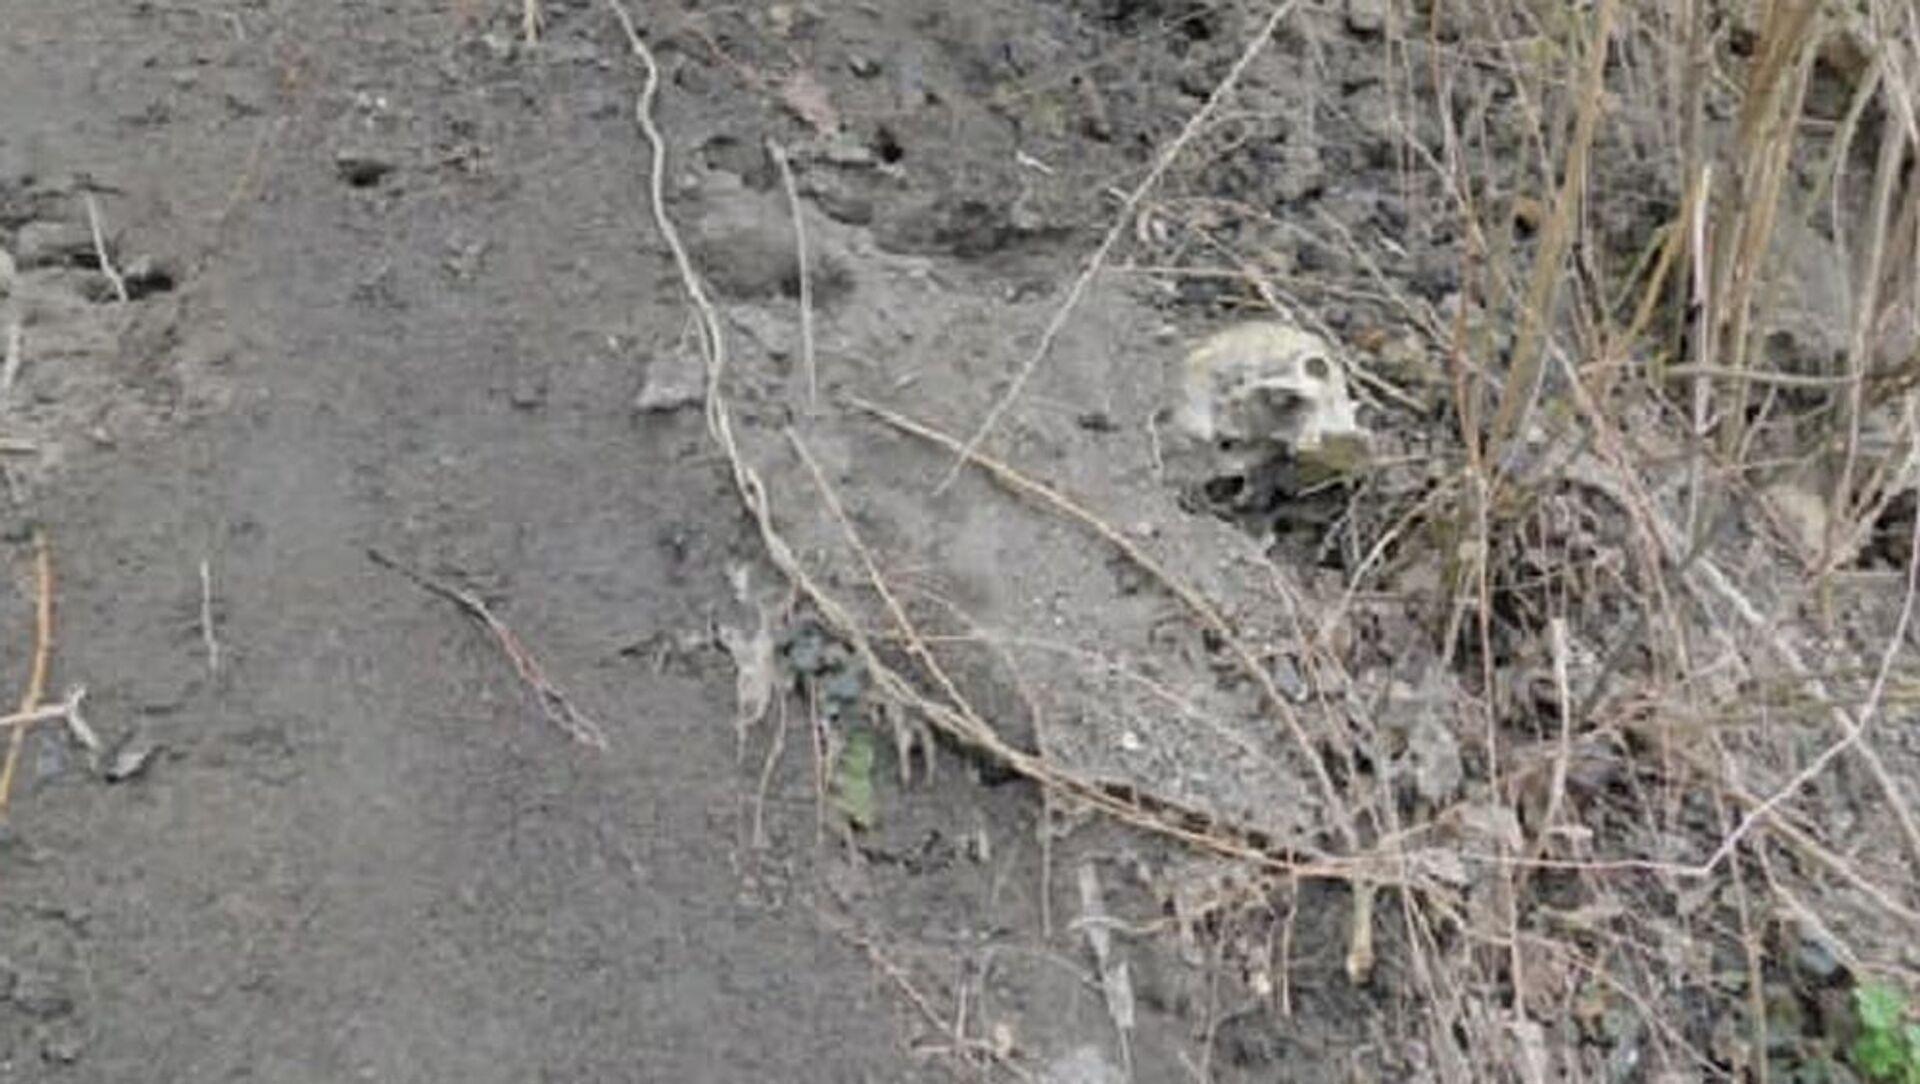 Человеческие кости нашли на территории Брестской крепости - Sputnik Беларусь, 1920, 16.03.2021